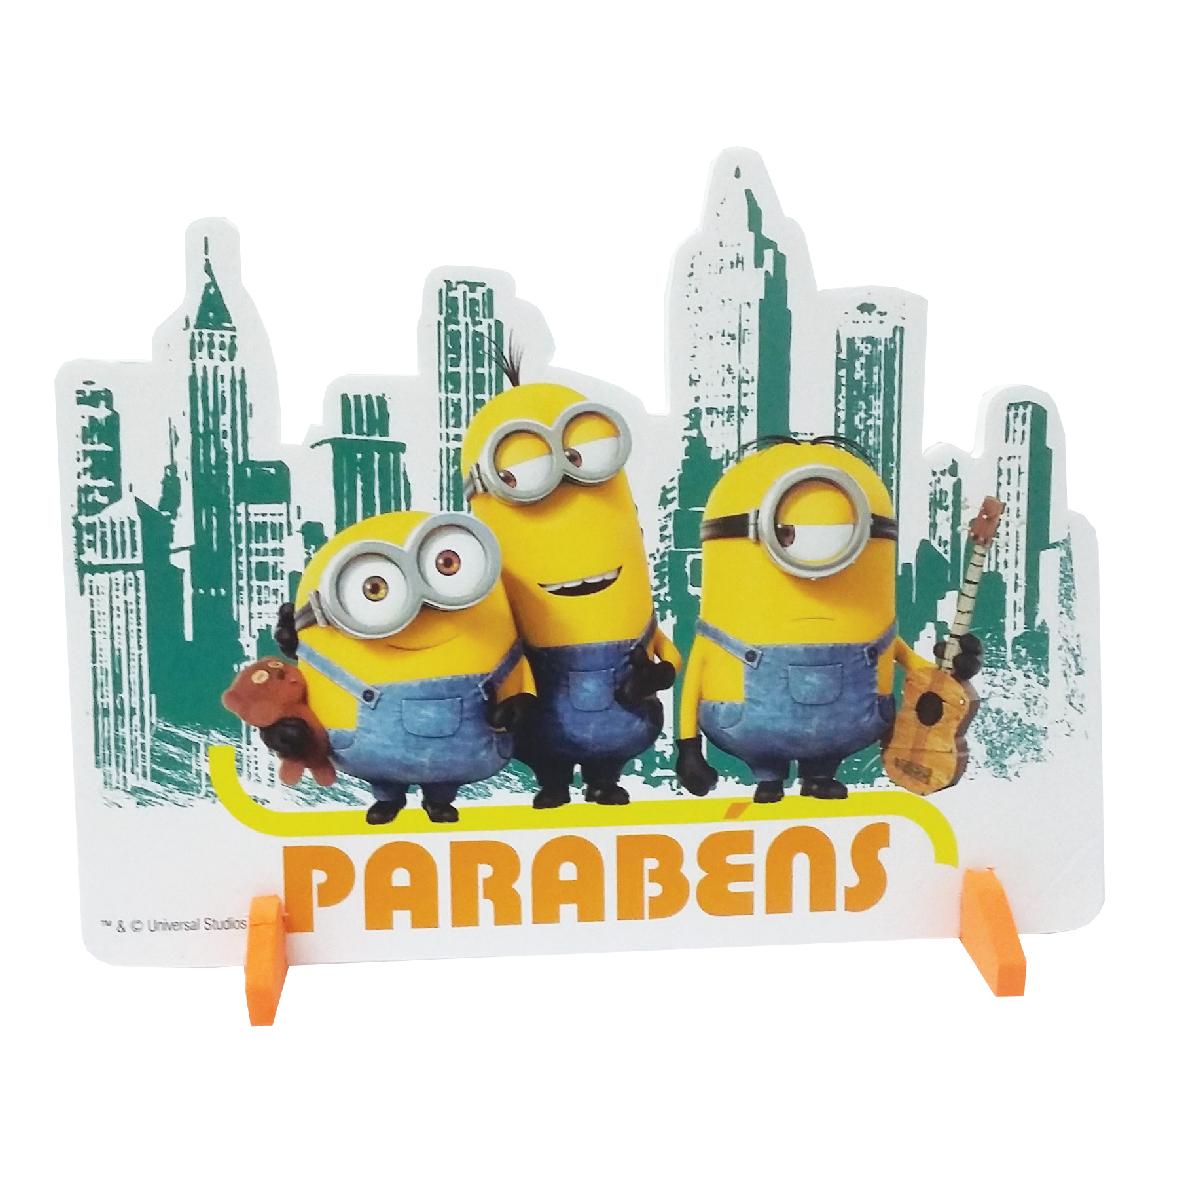 Enfeite de mesa Parabens Minions 1